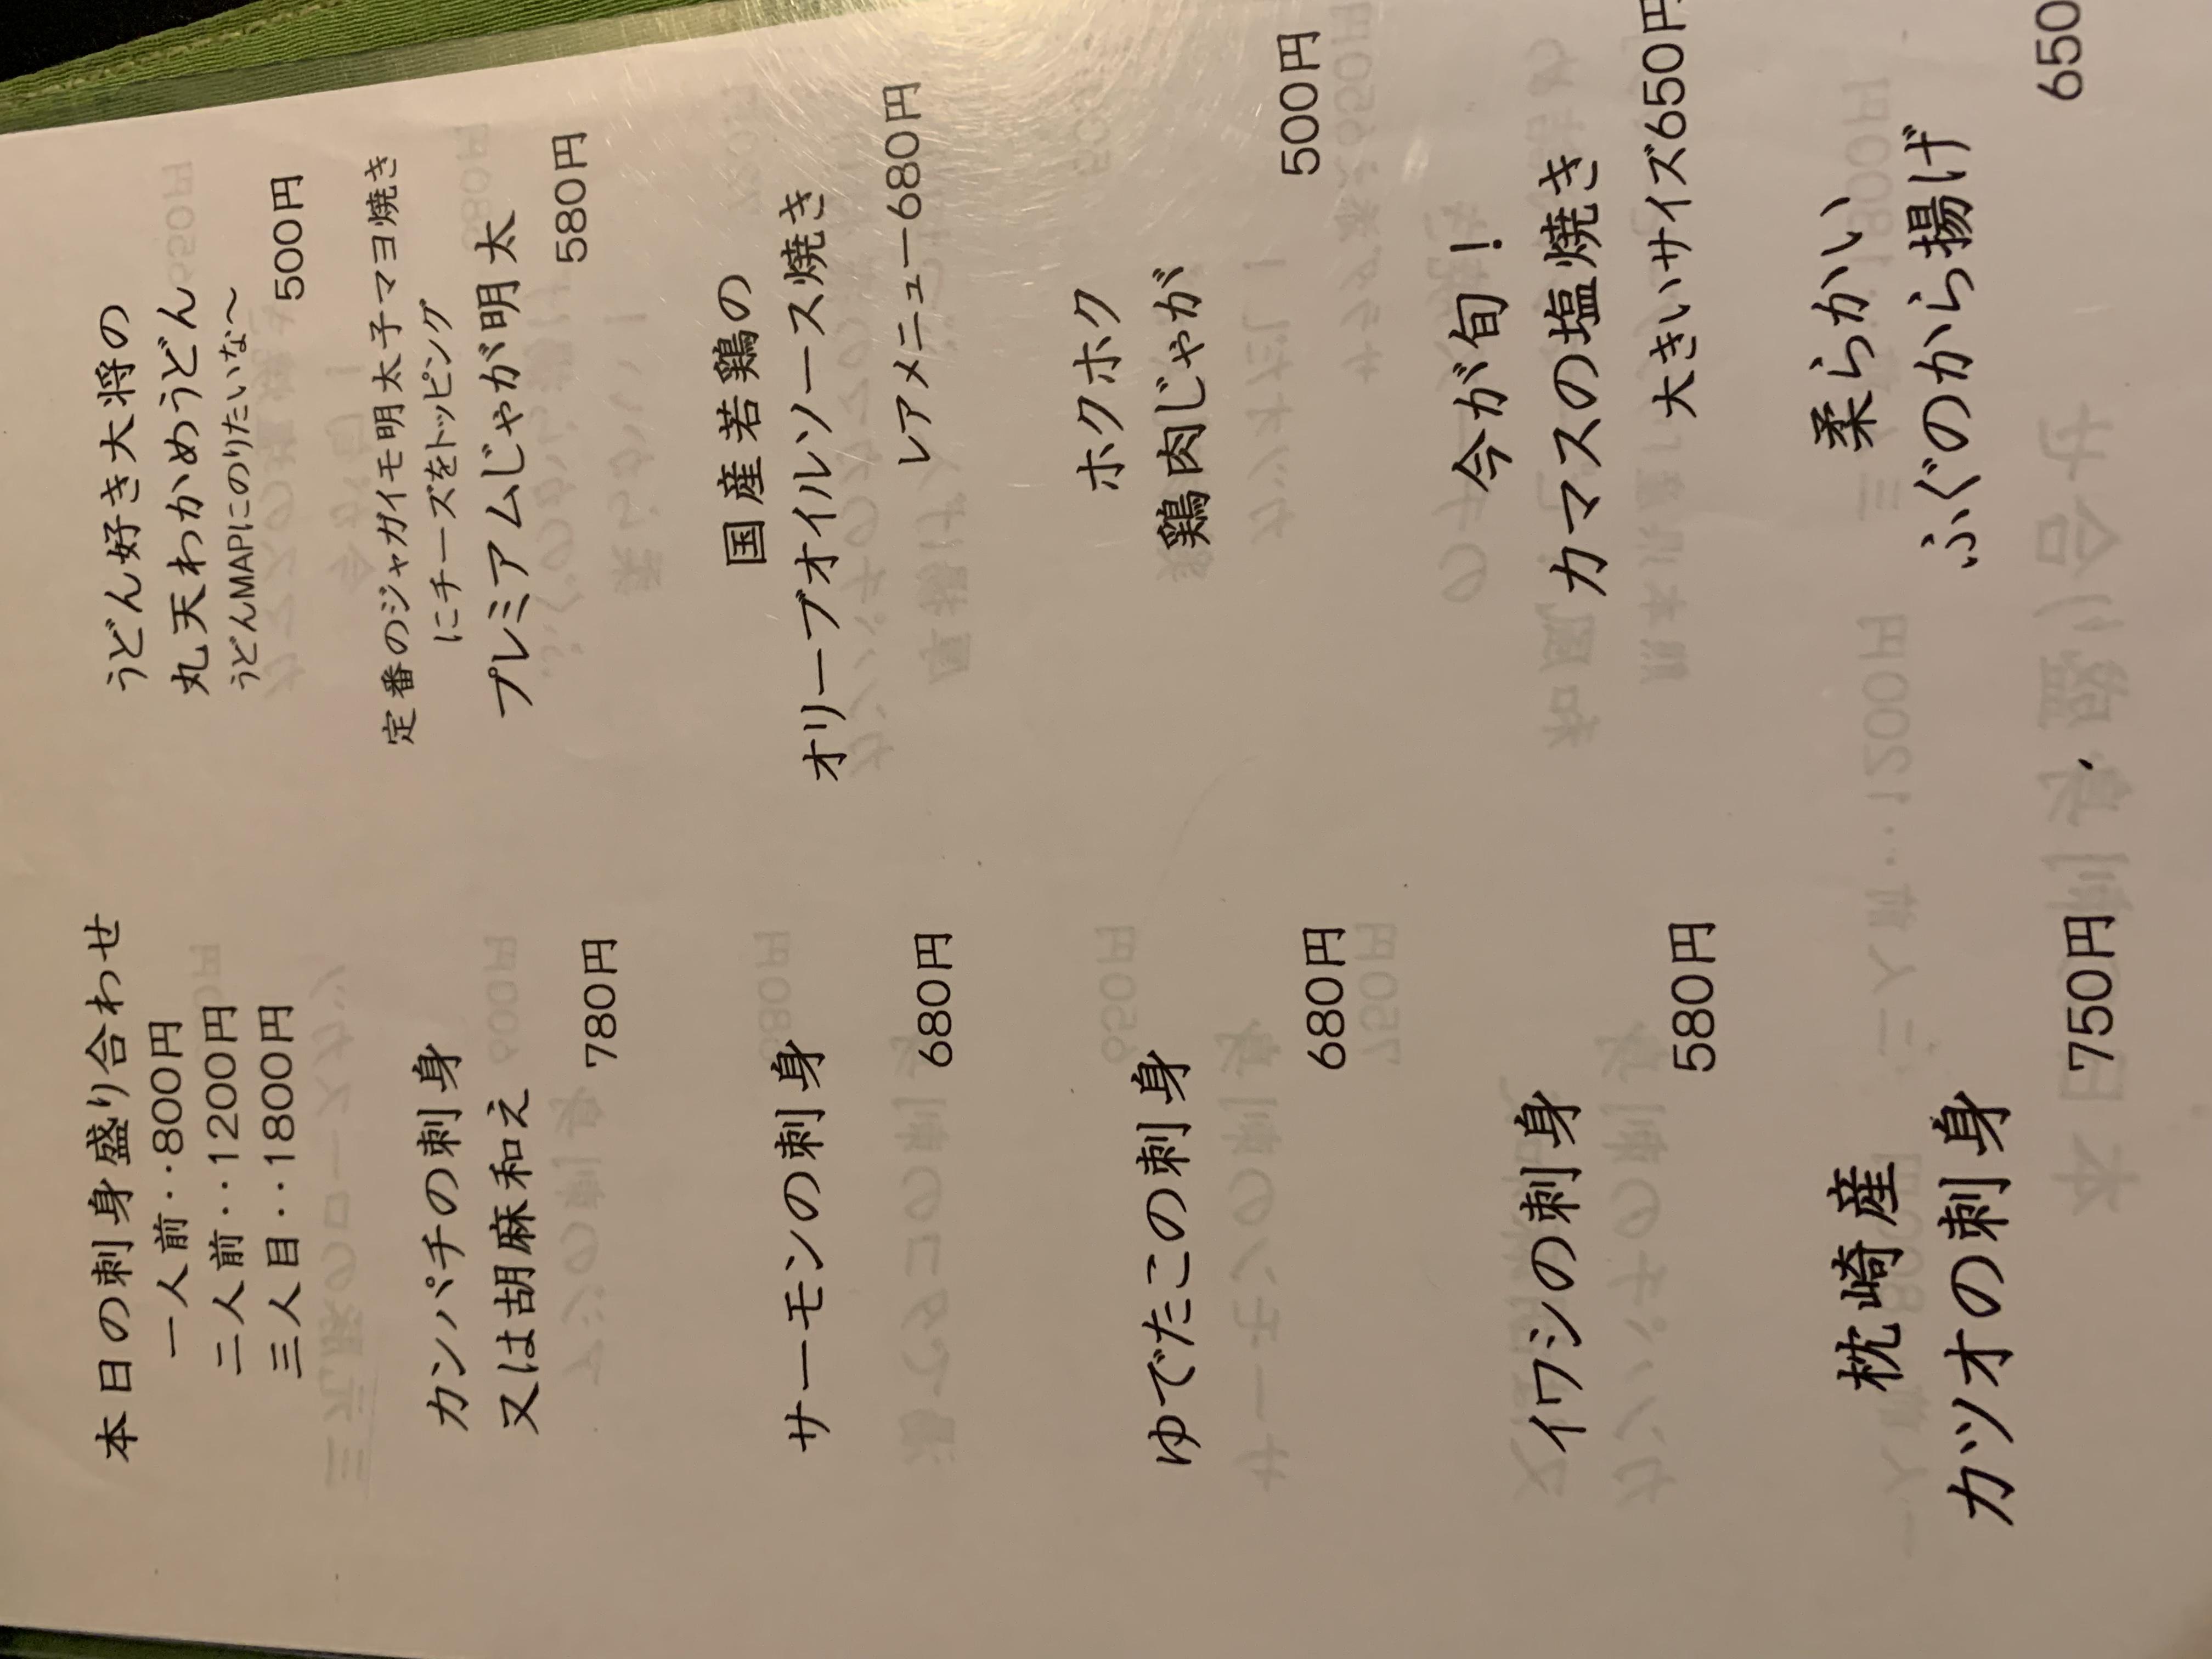 E1DD8639-3D6F-47C5-B199-F3F330FA328E